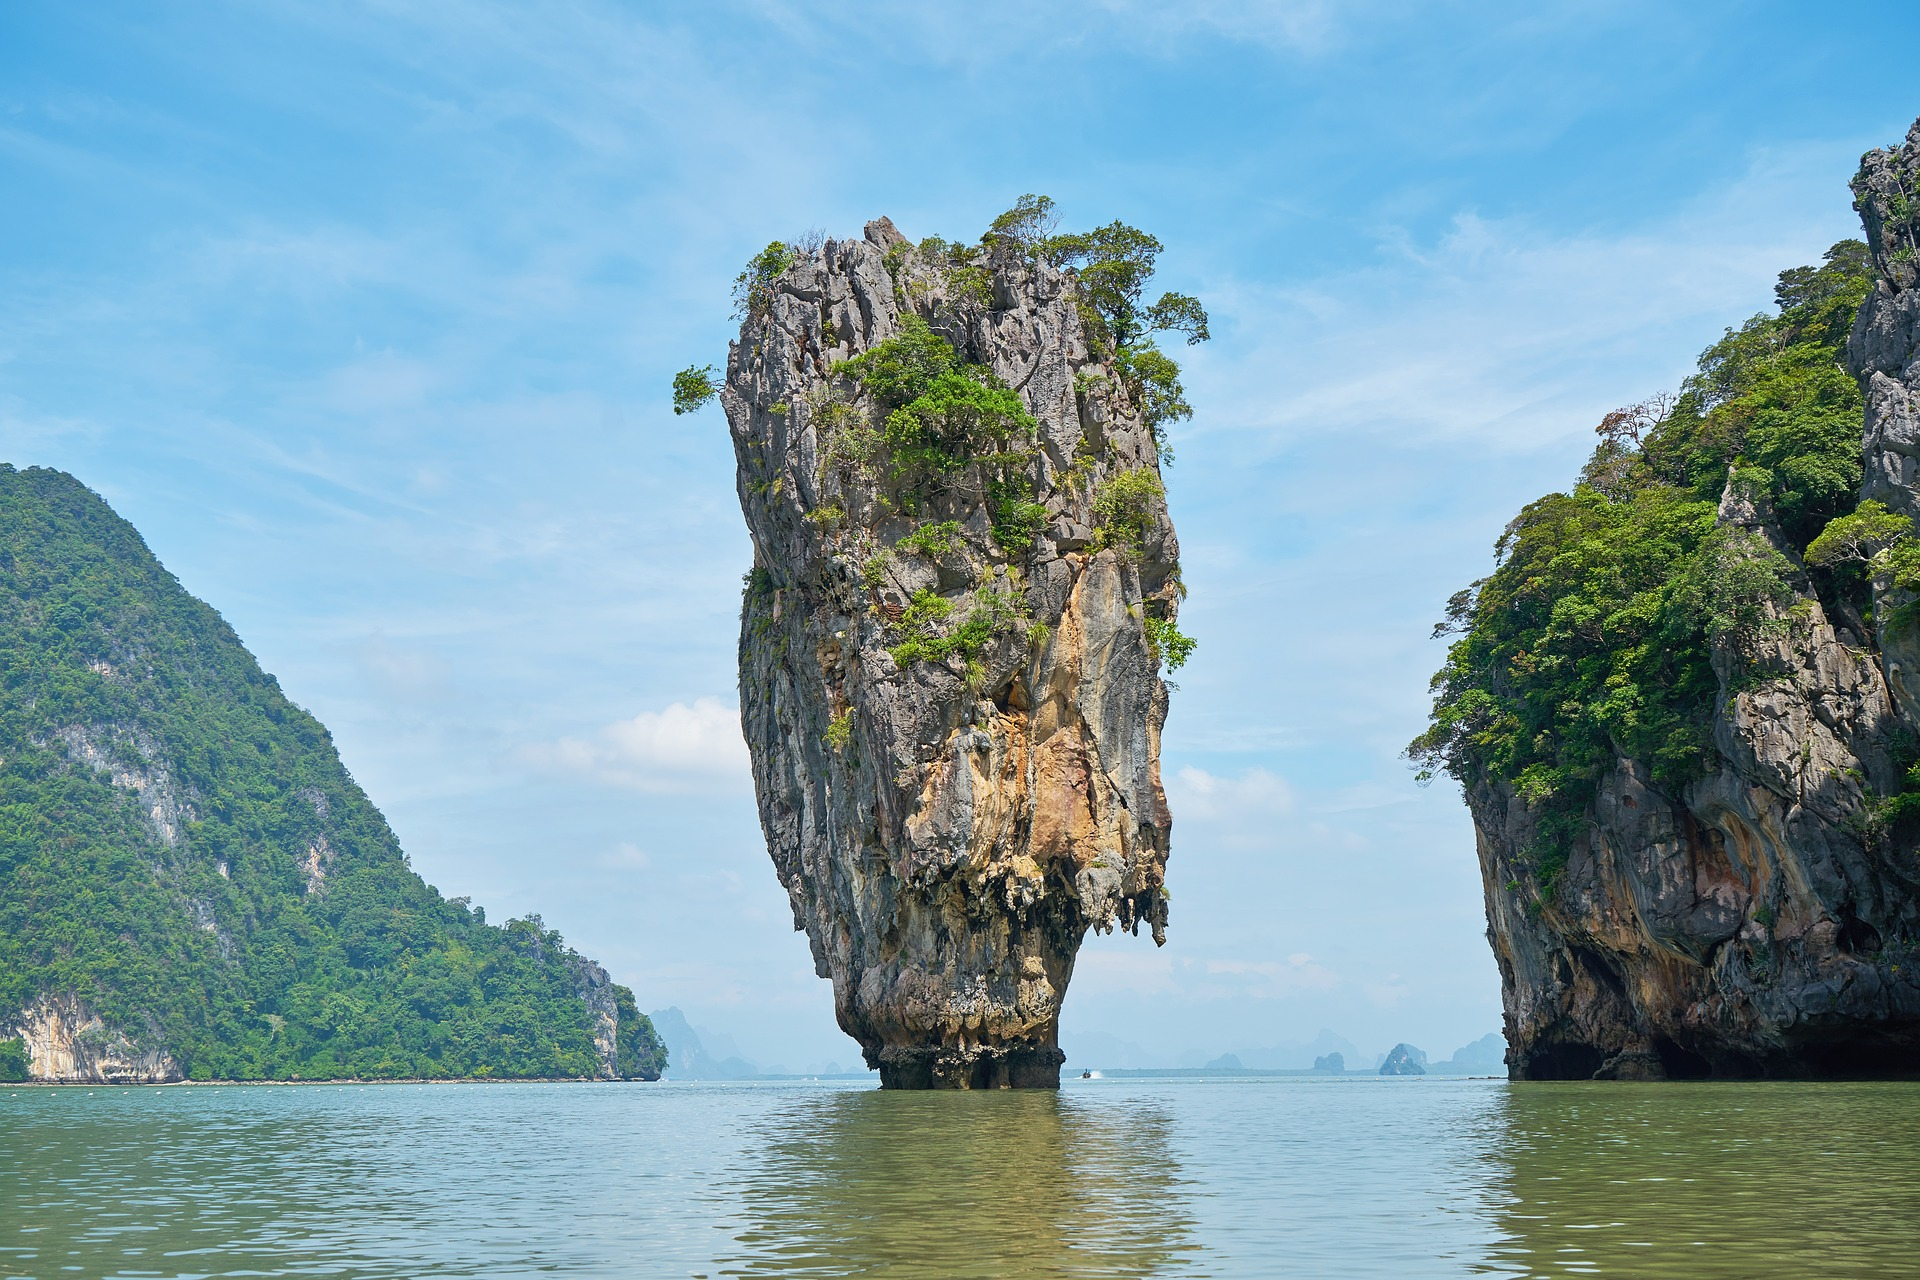 איך לתכנן ירח דבש בתאילנד?